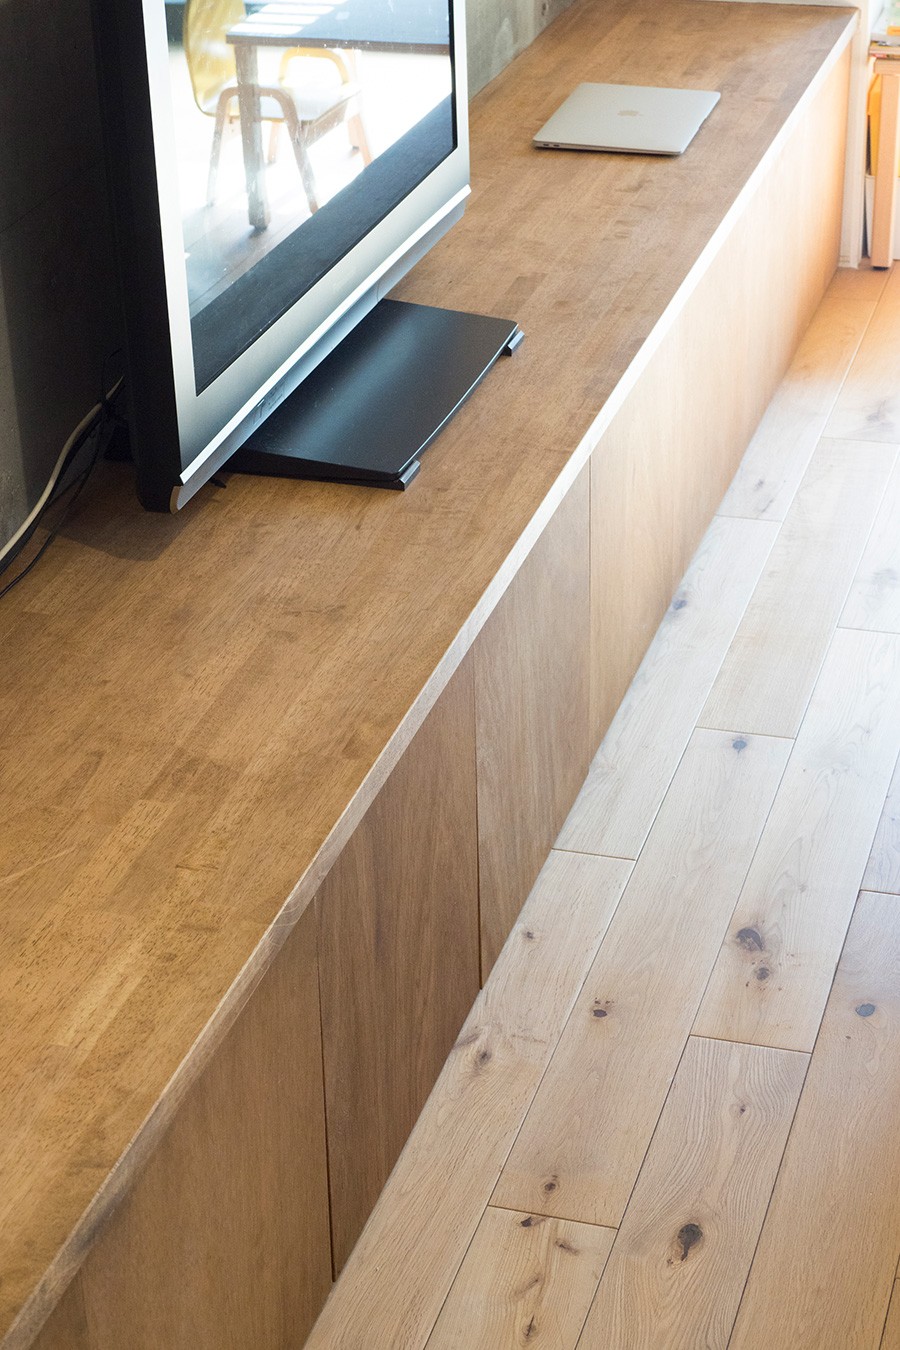 リビングを貫く横長の棚も、縦の棚と同じ素材で造作。集成材にオイルステインを塗り、自然な雰囲気に仕上げてもらった。